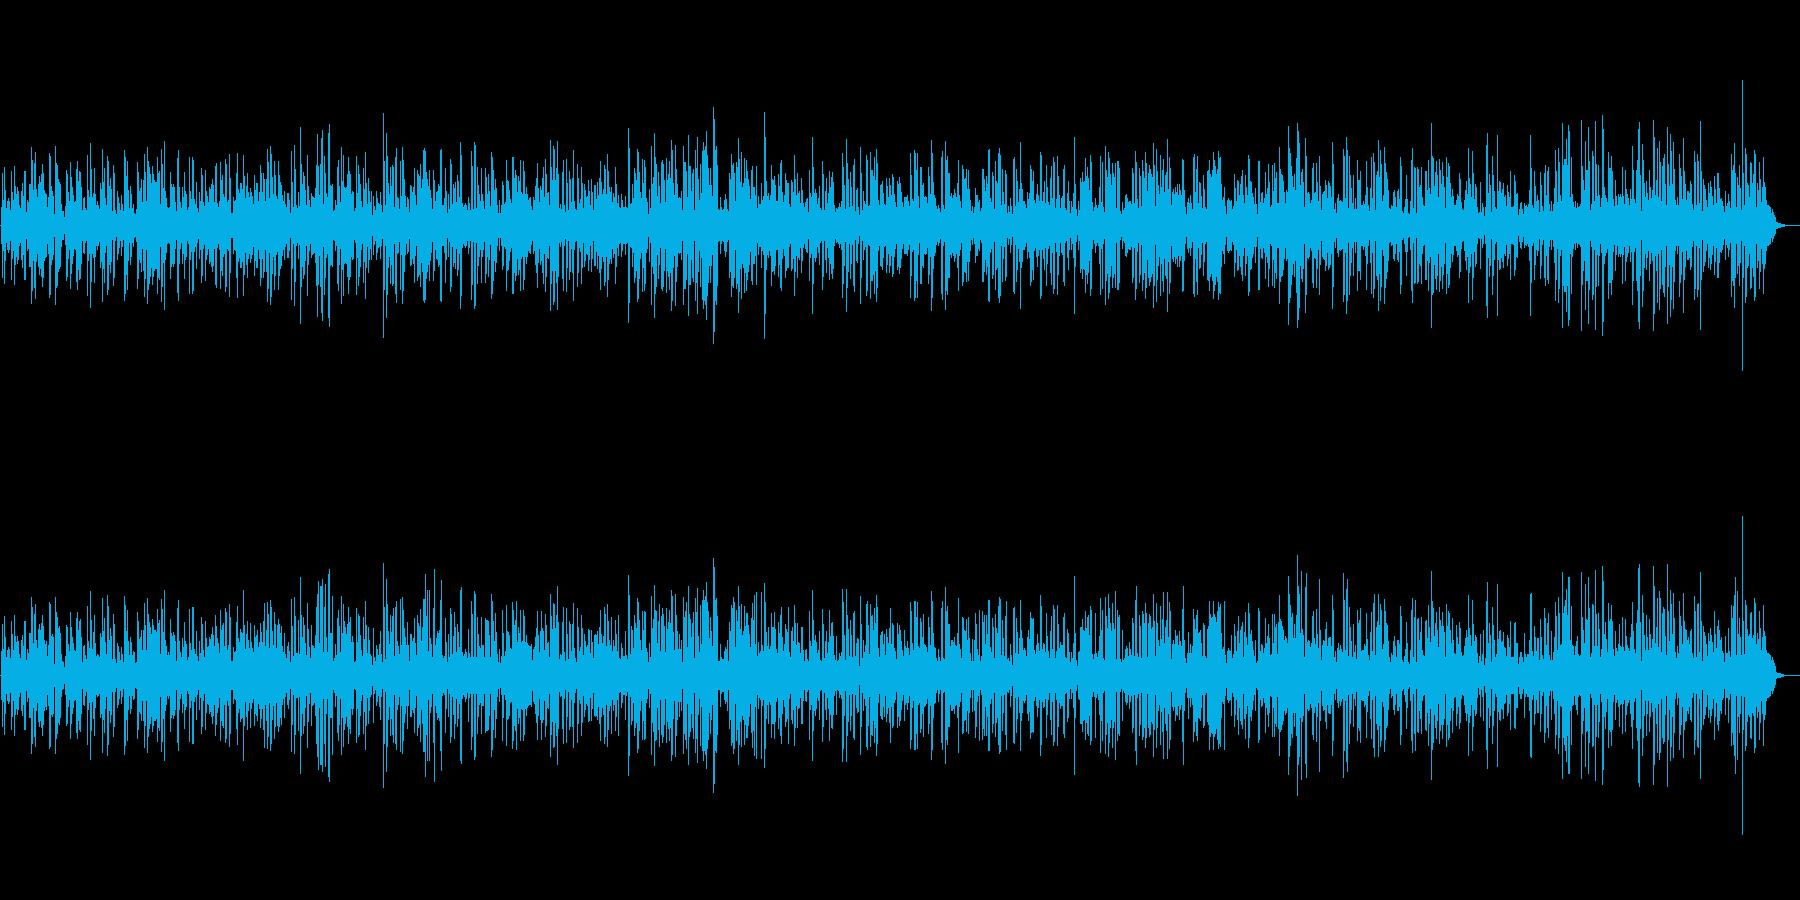 BGM 癒しのジャズギター 映像・店舗の再生済みの波形